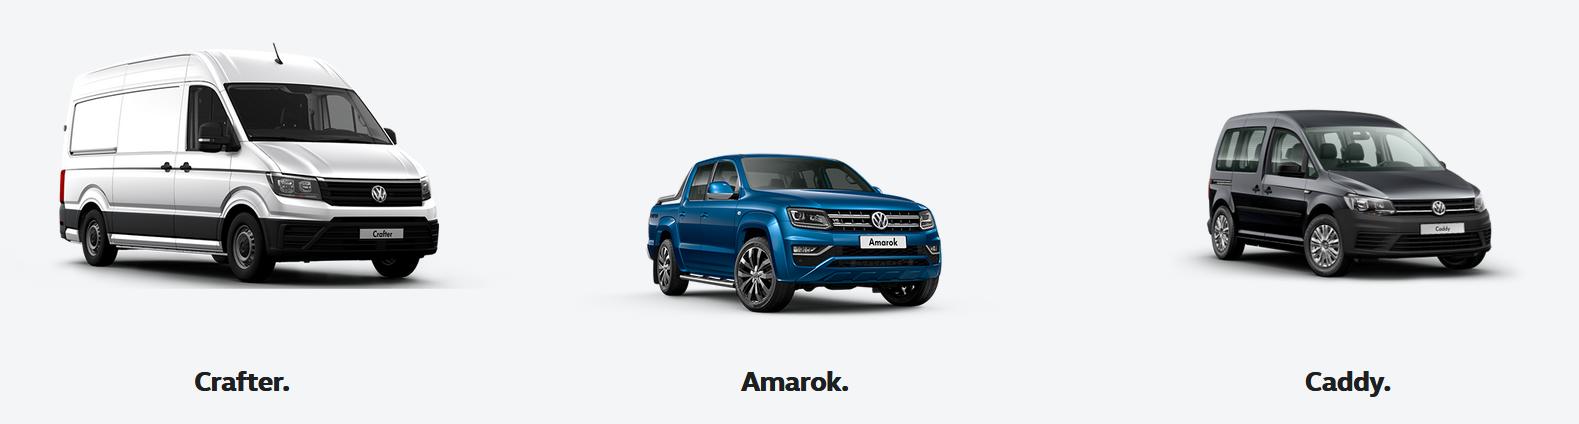 crafter-amarok-caddy